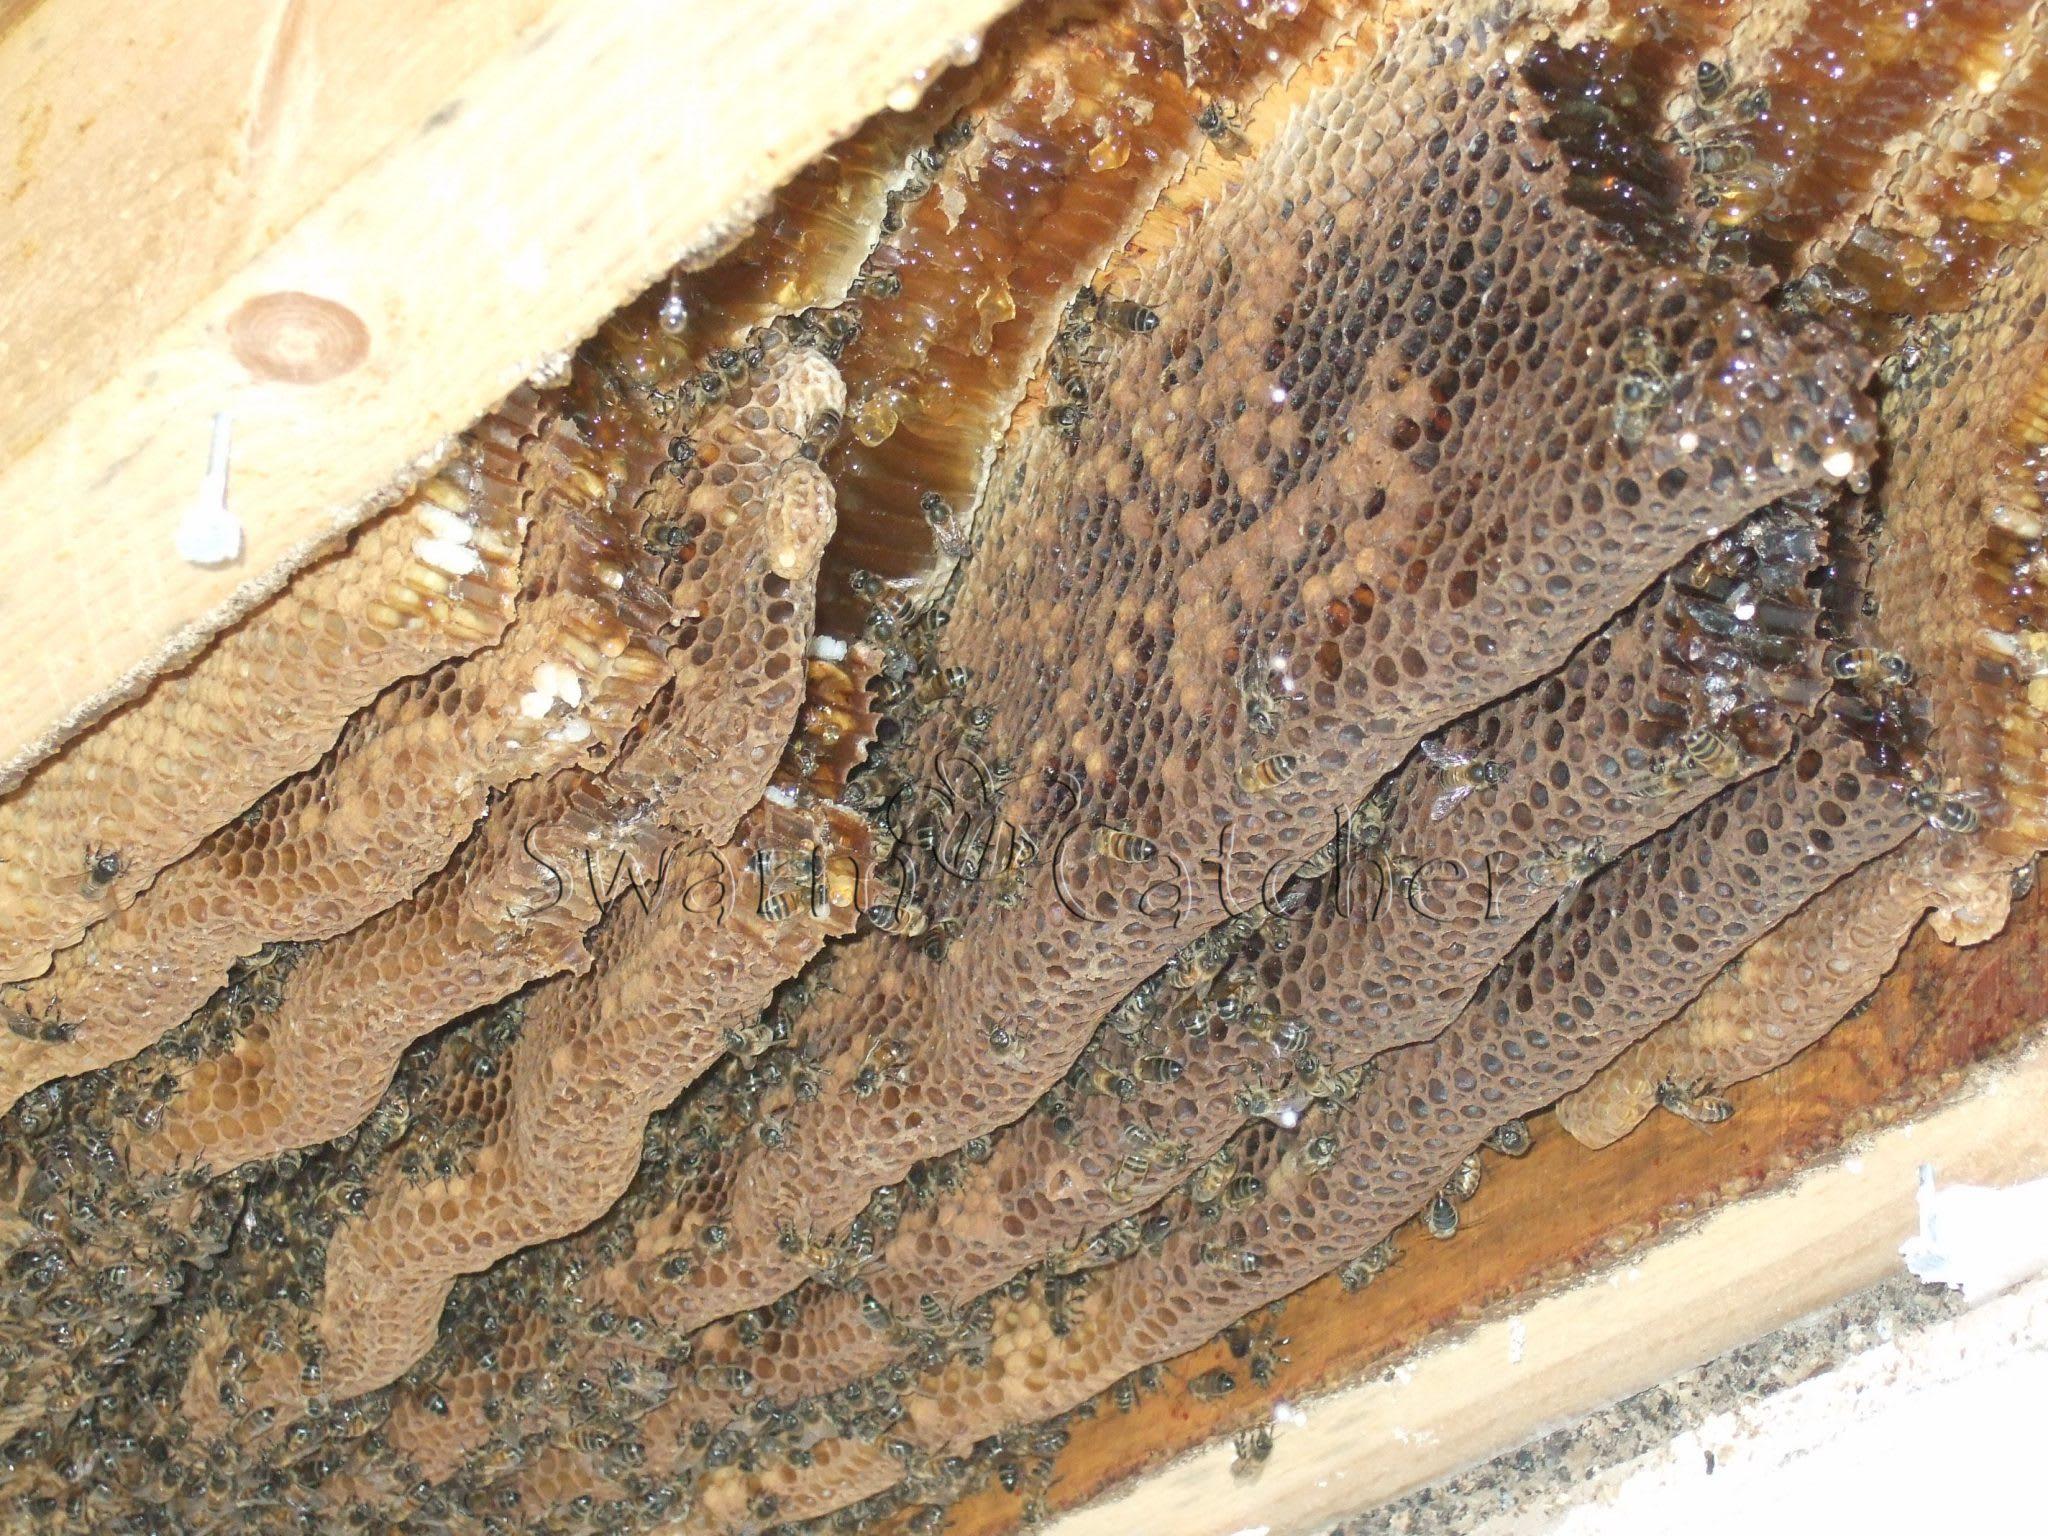 Live Honey Bee Cutout Wenvoe